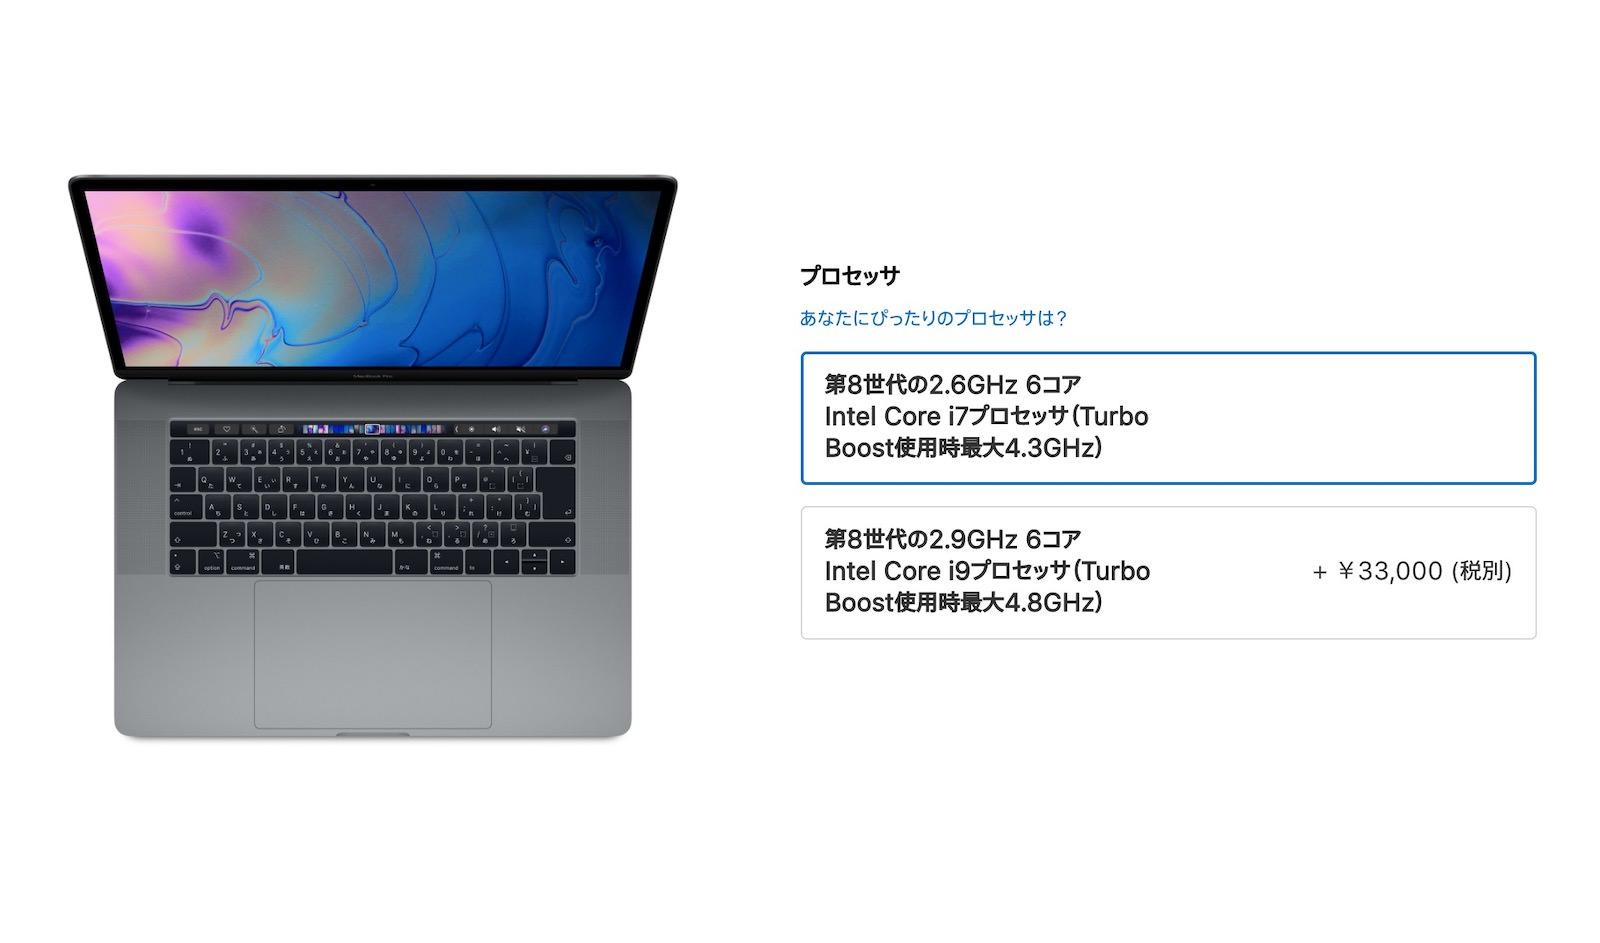 MacBook-Pro-2018-CPU-Configuraion